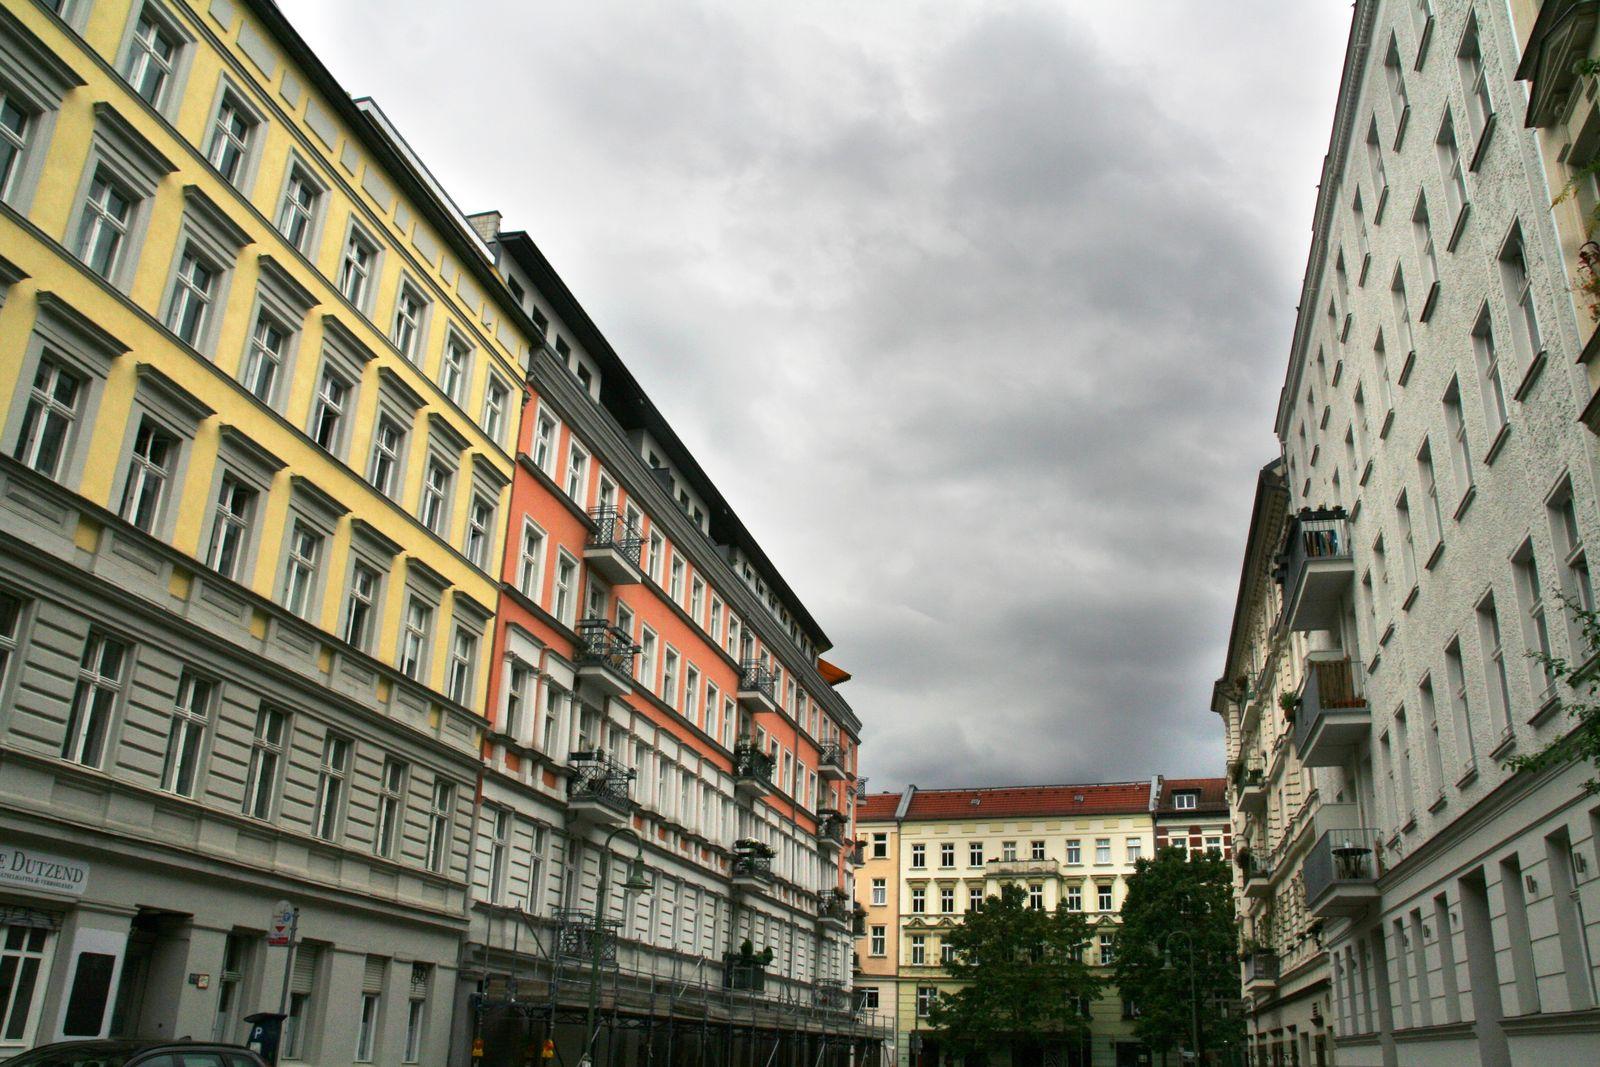 Deutschland / Berlin / Immobilien / Wohnungen / Mietwohnungen / Mieten / Wohnungsbau / Mietpreisbremse